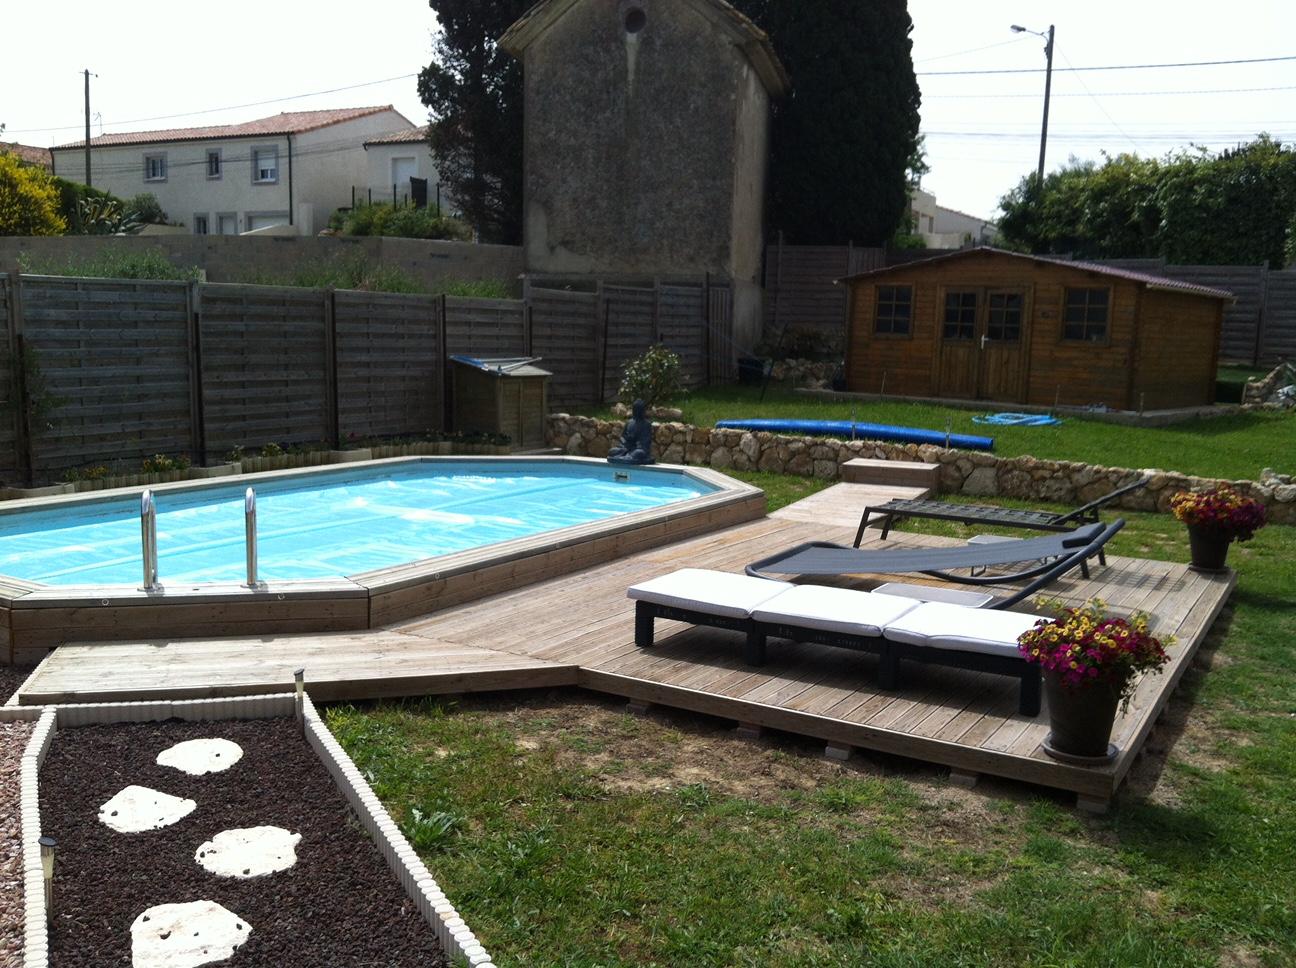 piscine, piscine bois, aménagement extérieur, terrasse bois